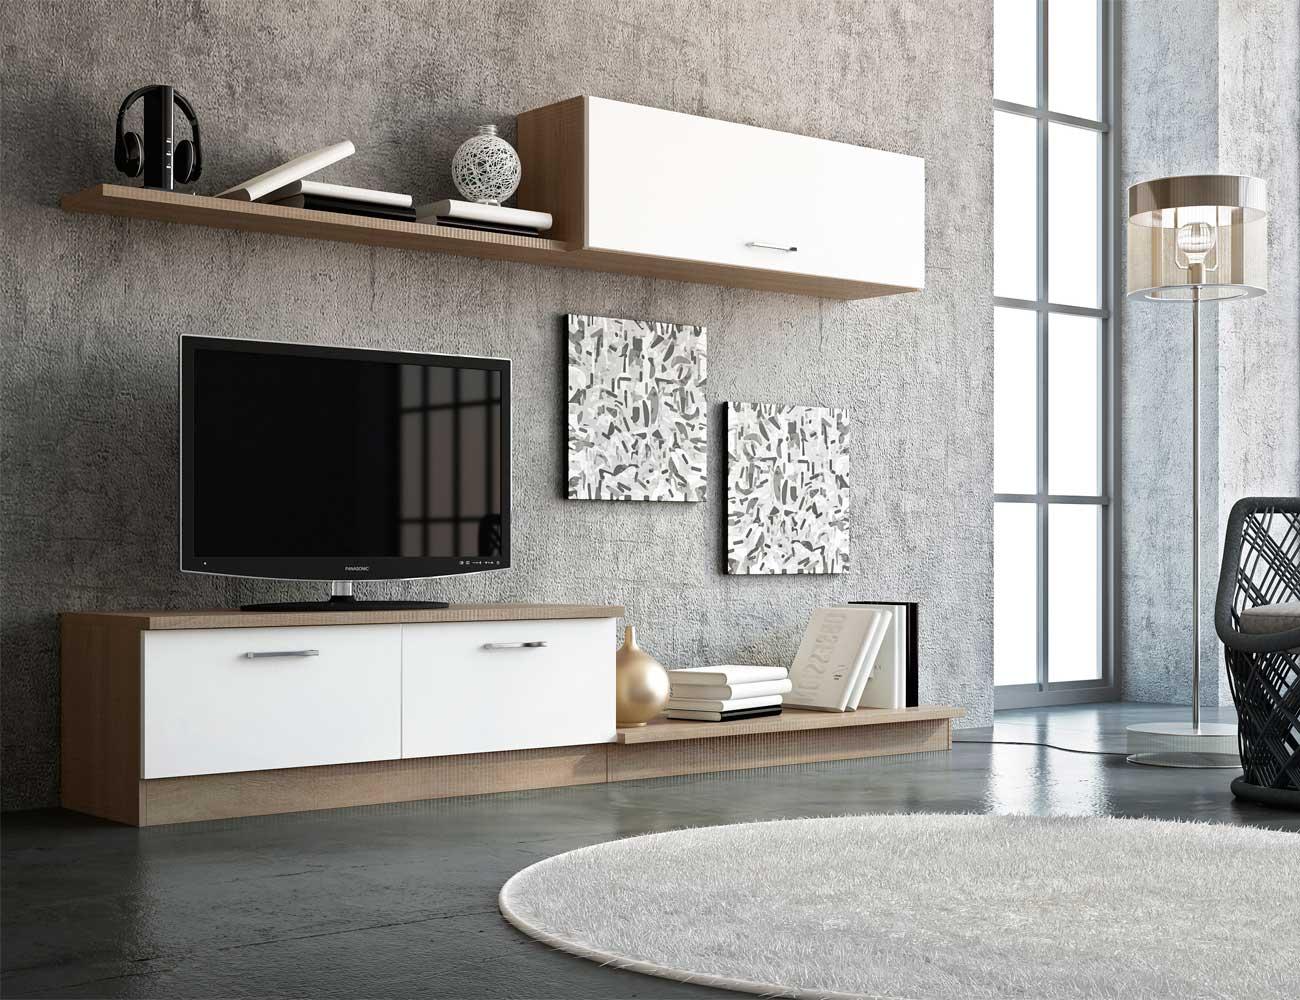 Mueble de sal n estilo moderno color cambrian blanco 6616 for Color cambrian muebles